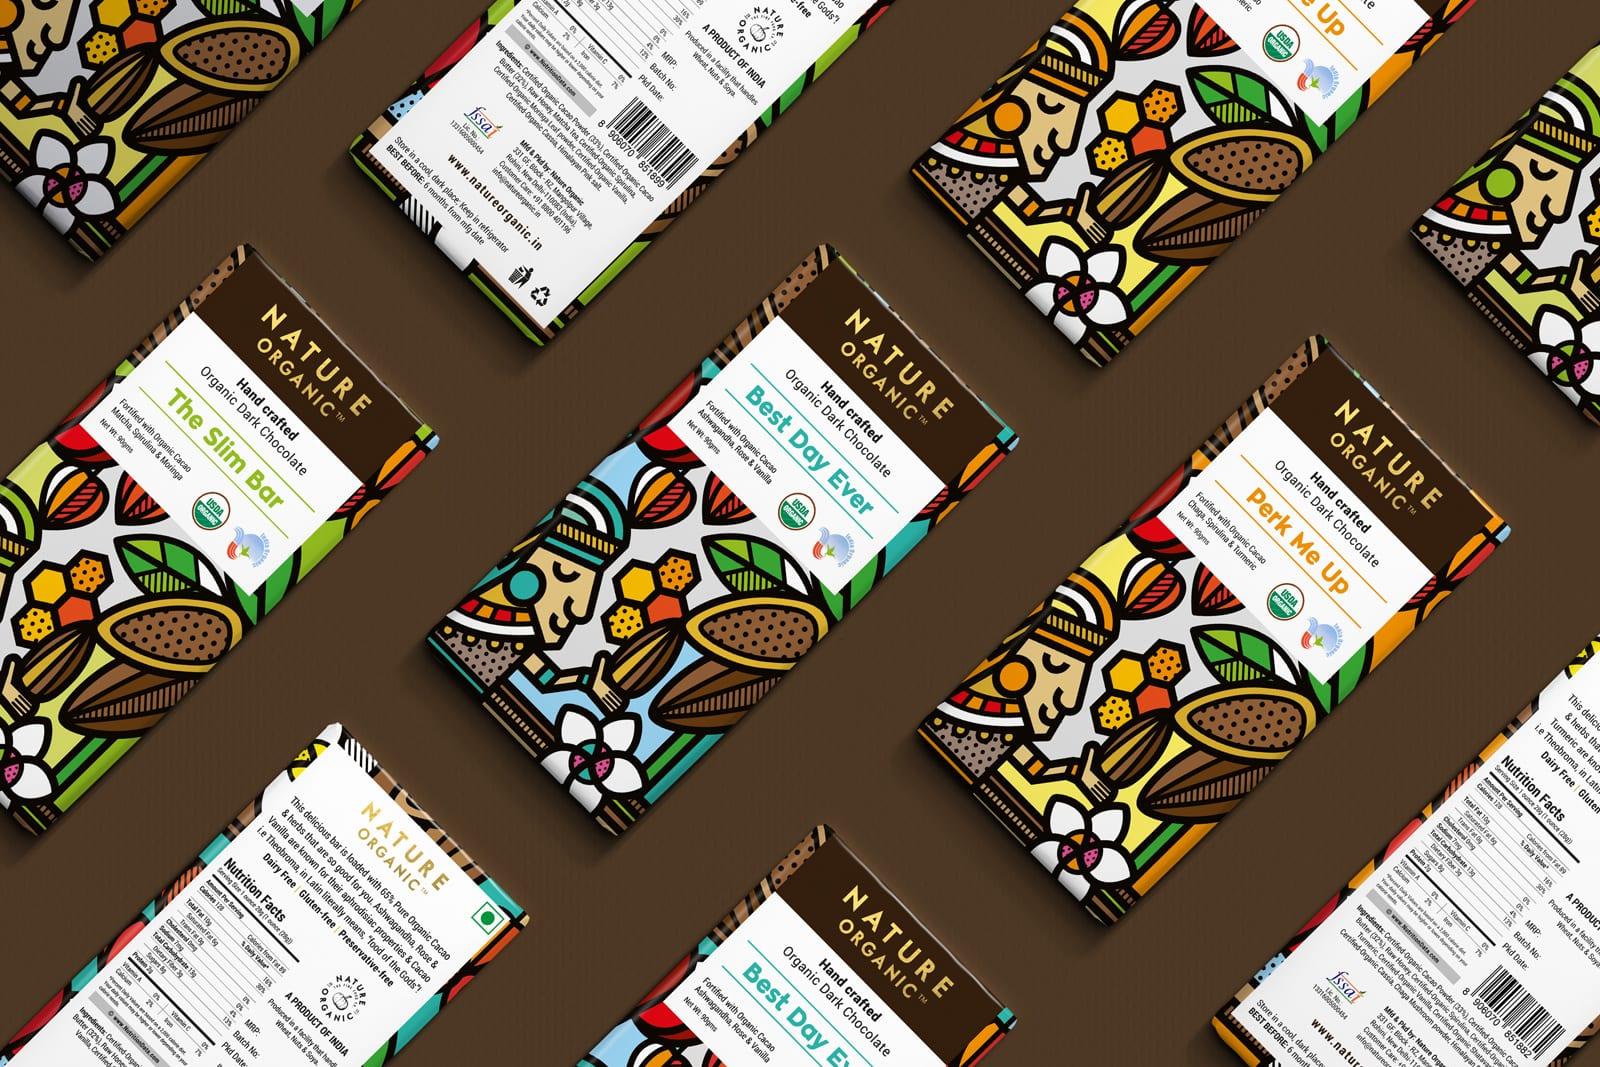 Nature Organic Chocolates 01 - Ach, tie obaly – Nature Organic Chocolates